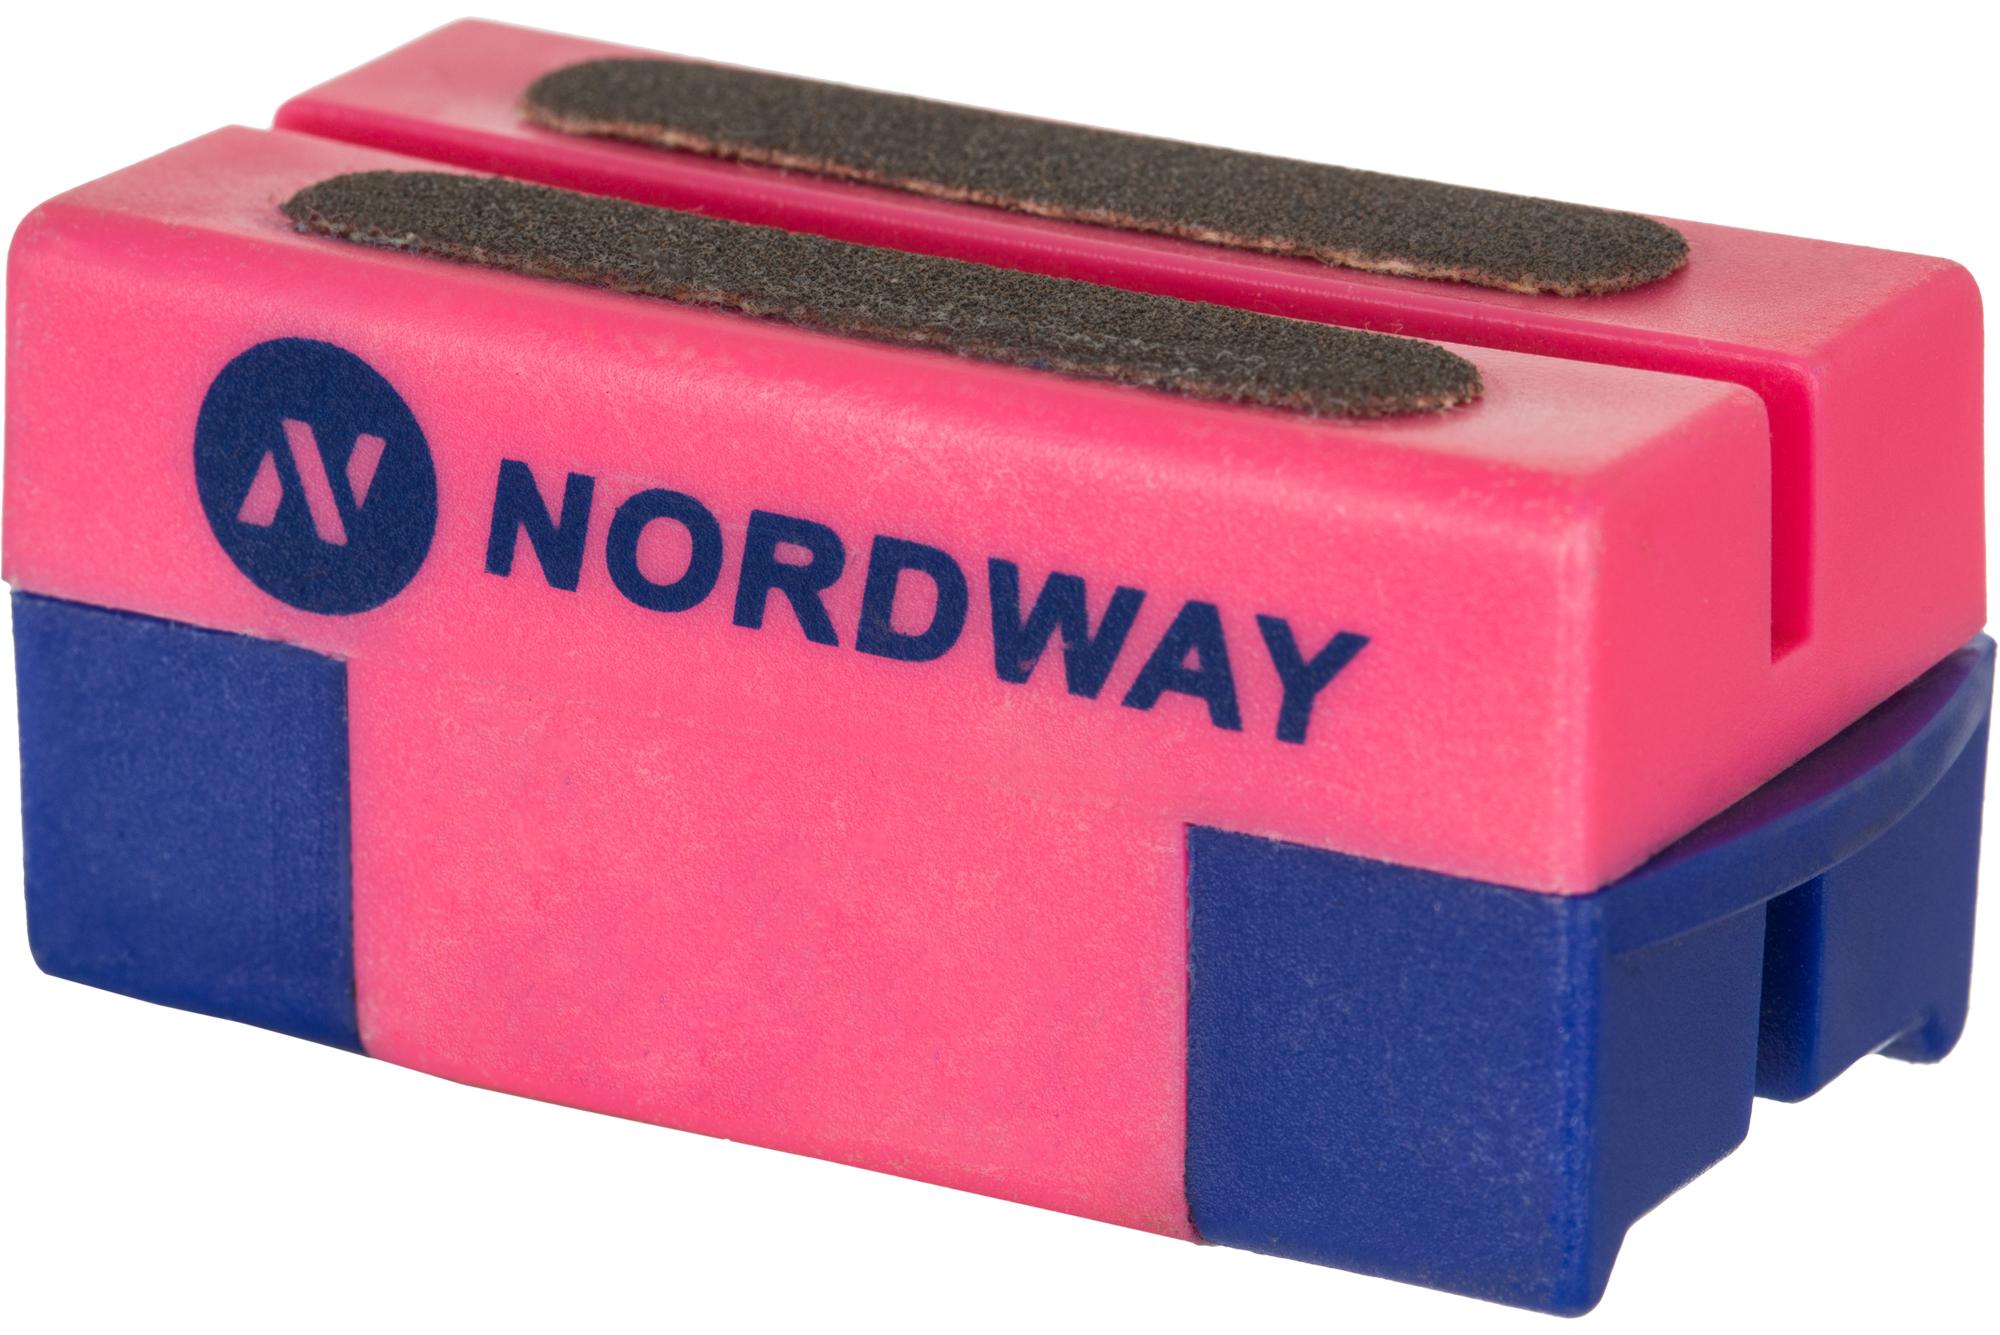 nordway шлем хоккейный nordway Nordway Приспособление для заточки коньков Nordway